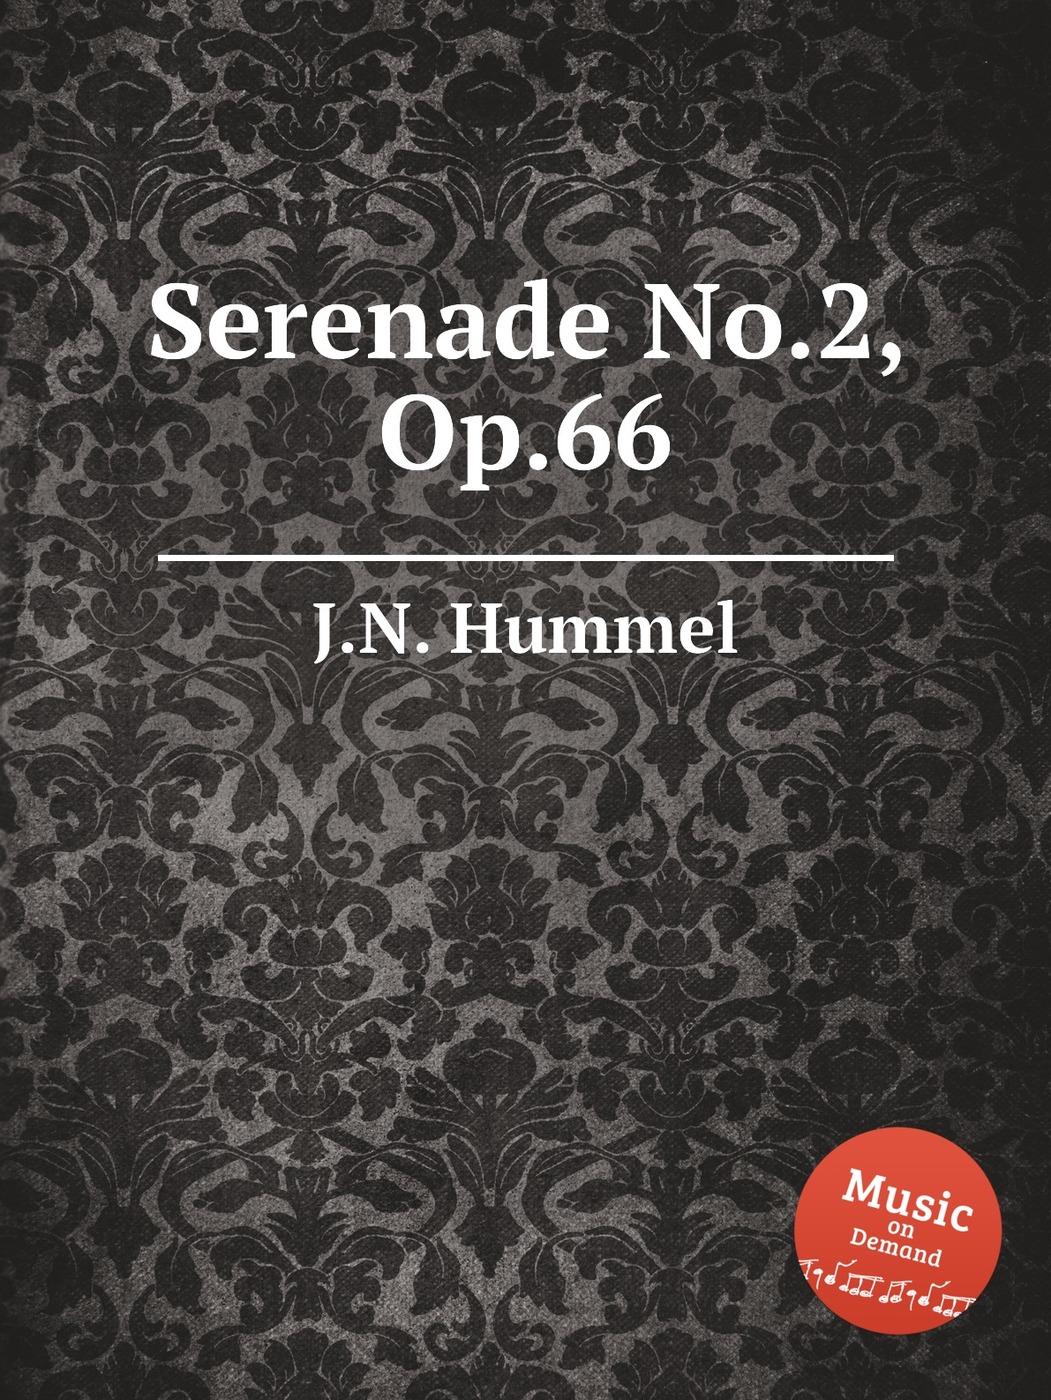 Serenade No.2, Op.66